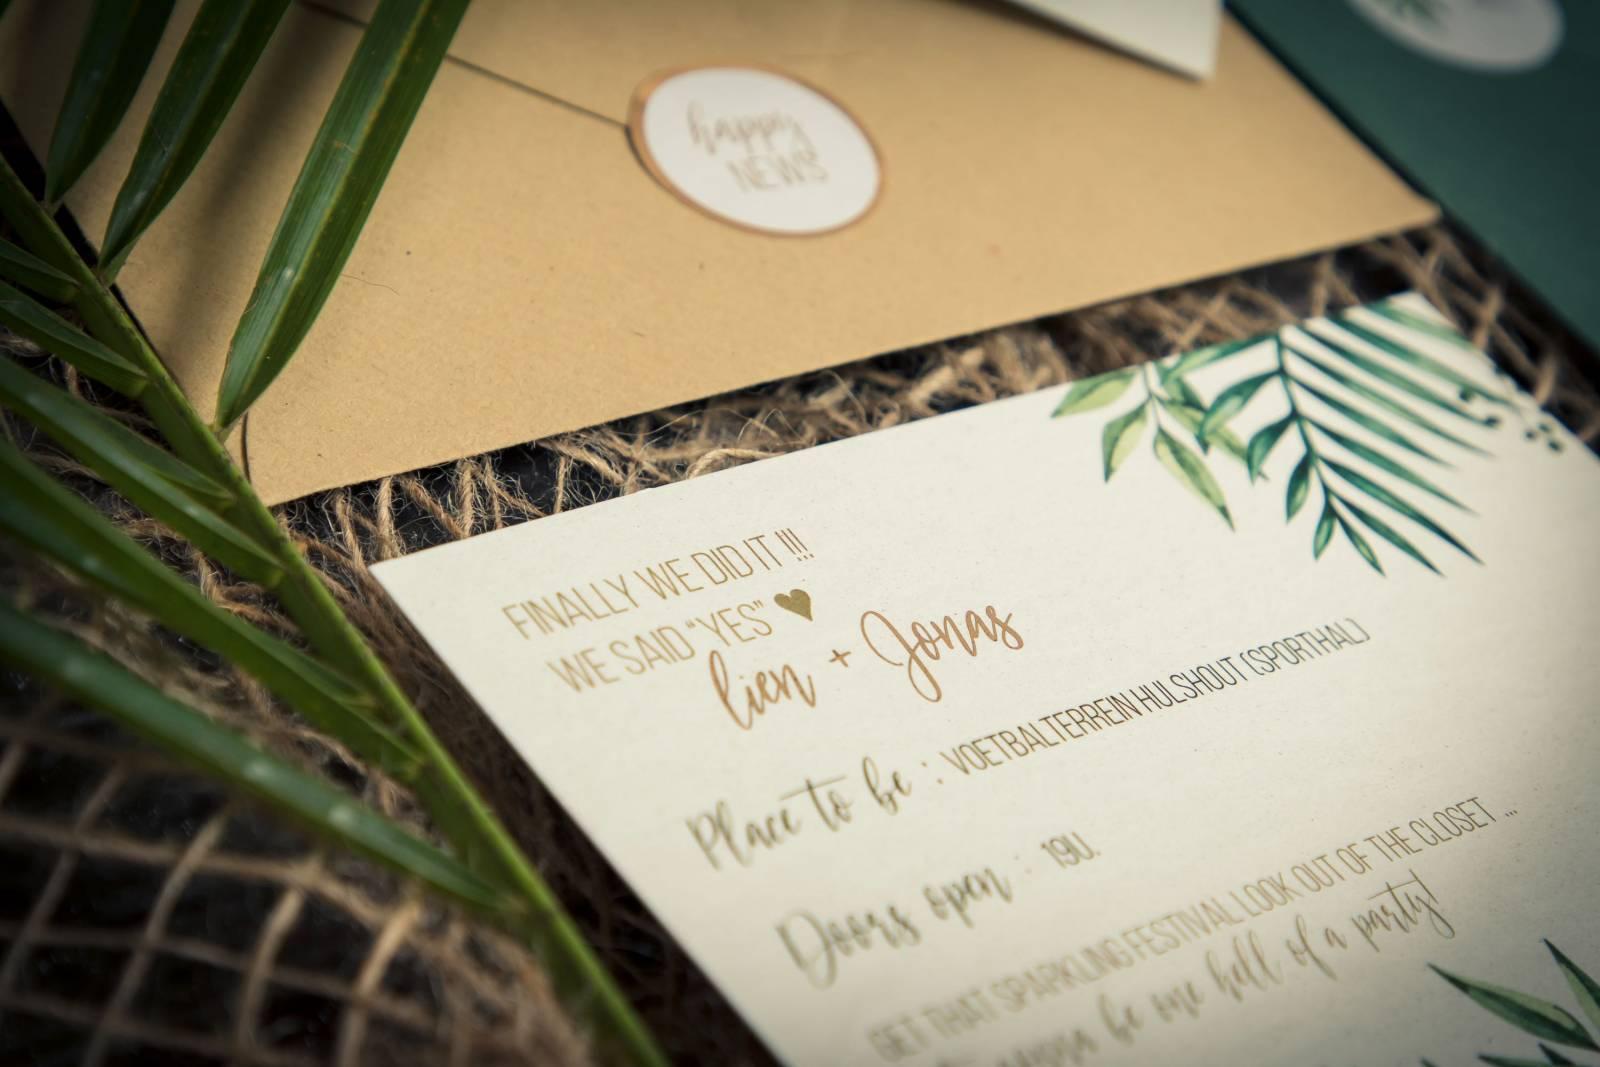 Drukkerij Augustynen - Trouwuitnodiging - Huwelijksuitnodiging - House of Weddings - 20